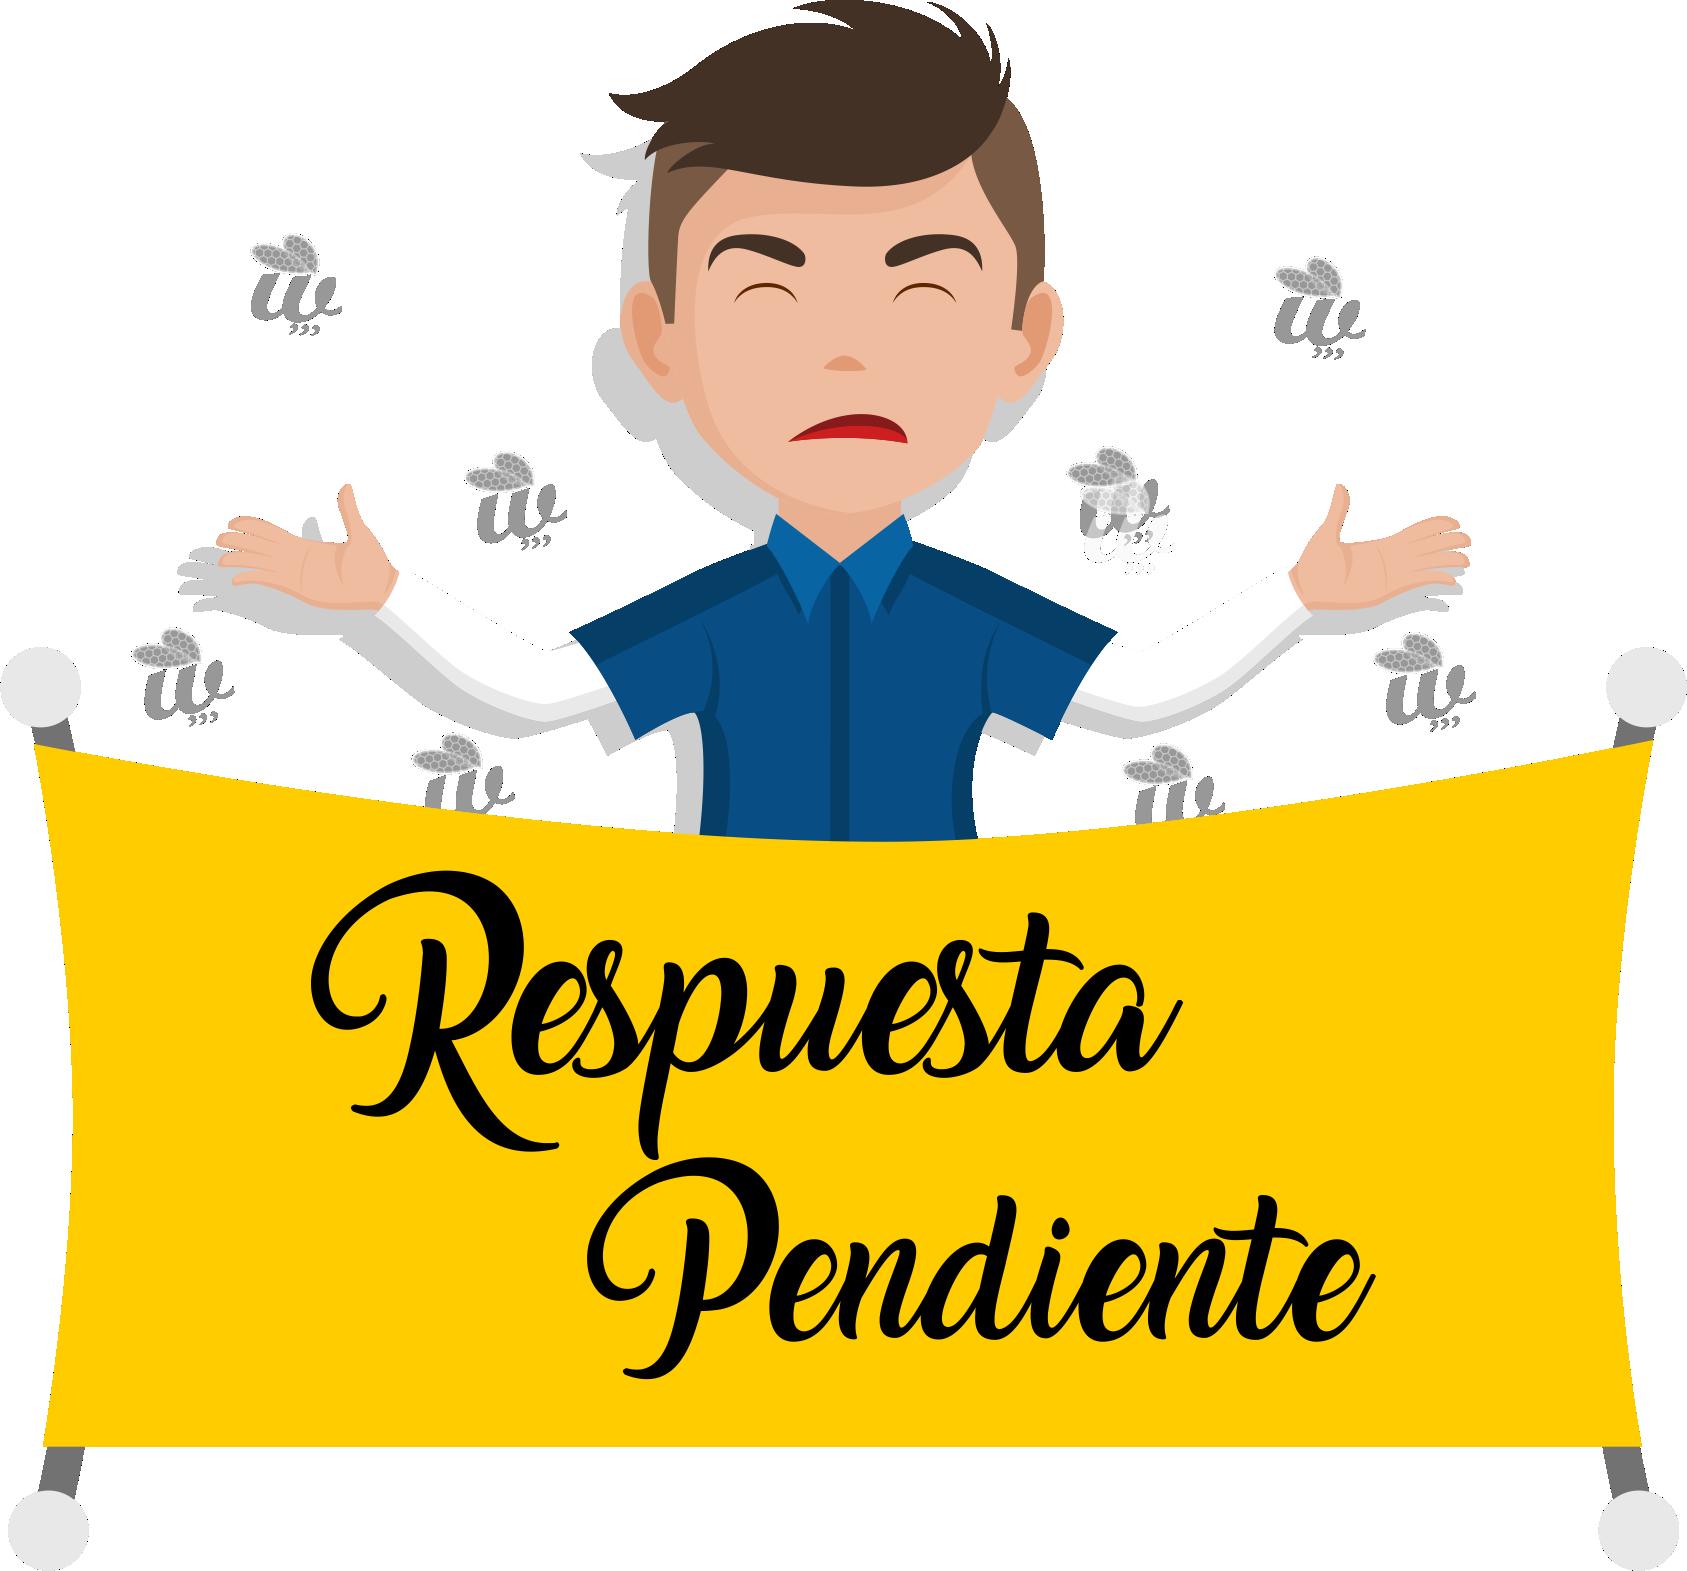 repsuesta_pendiente_al_pago